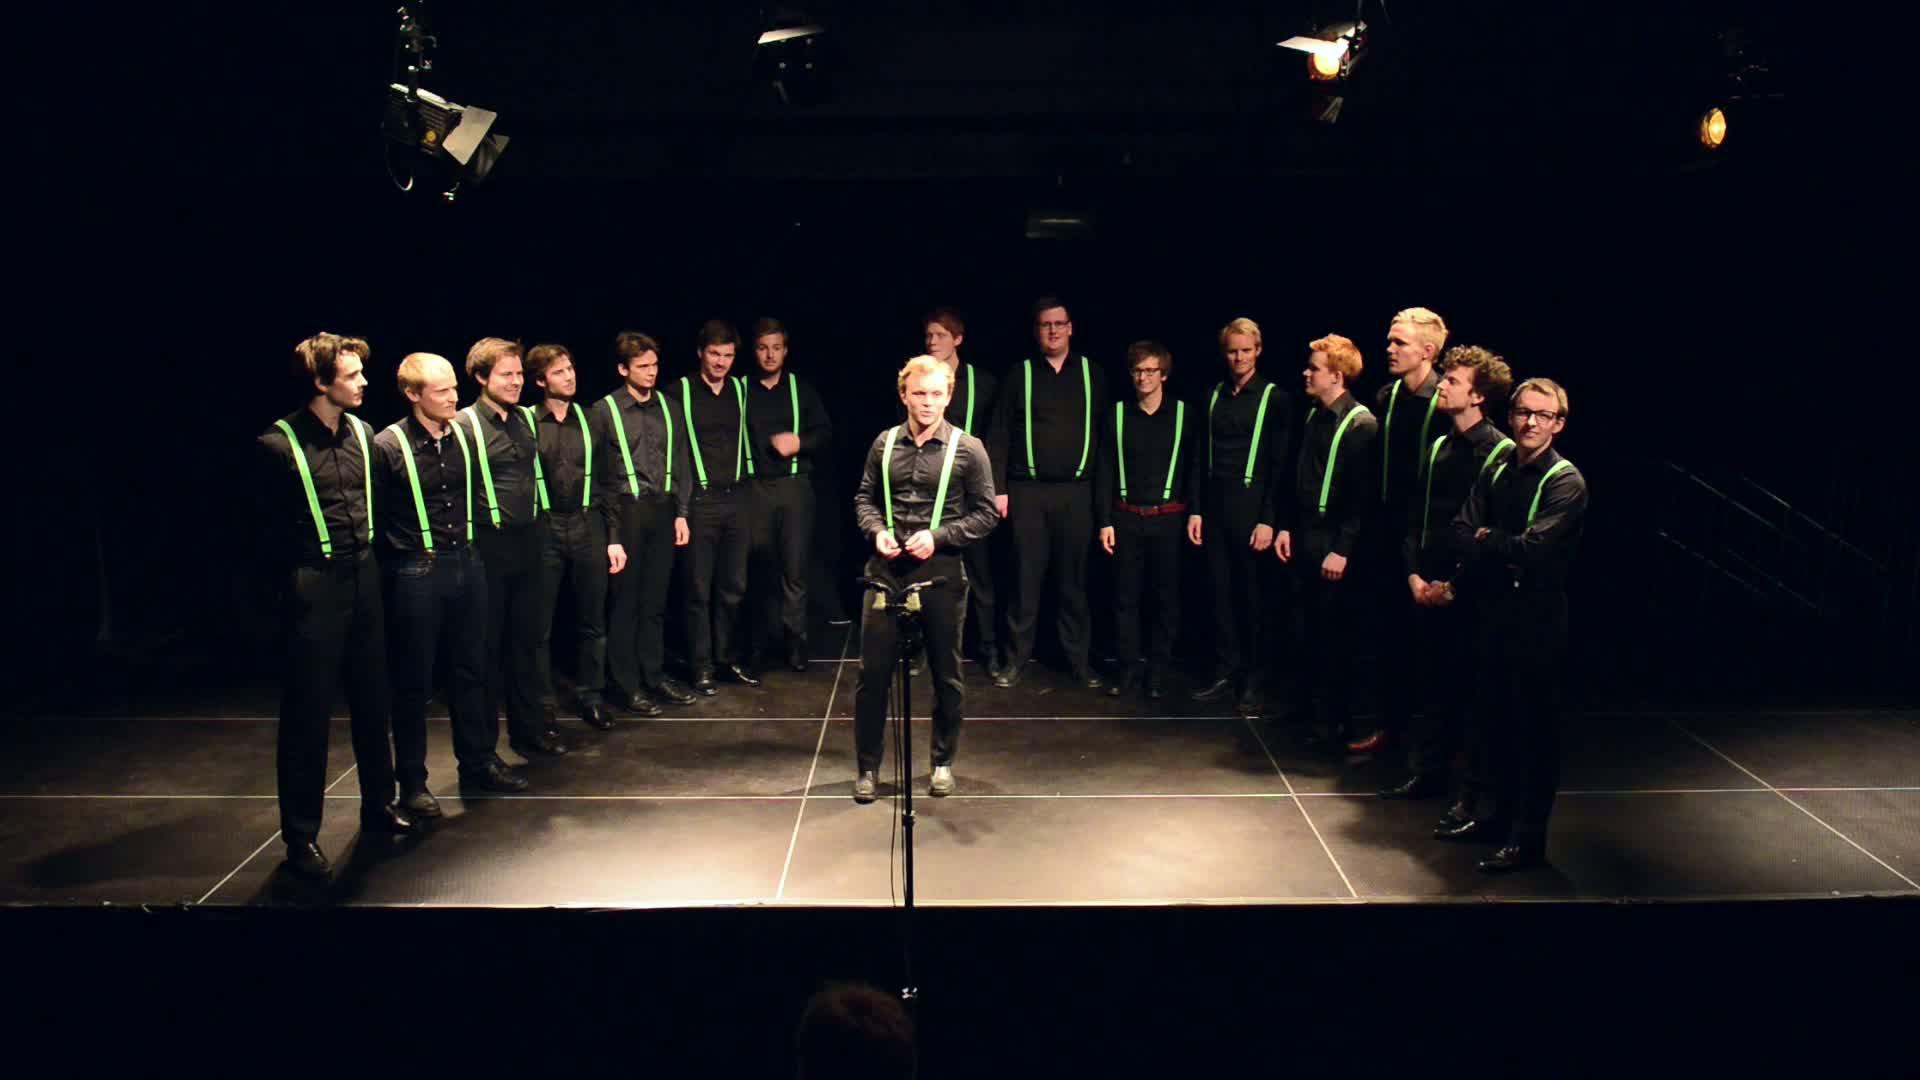 Korkonsert vår '14: Rains of Castamere